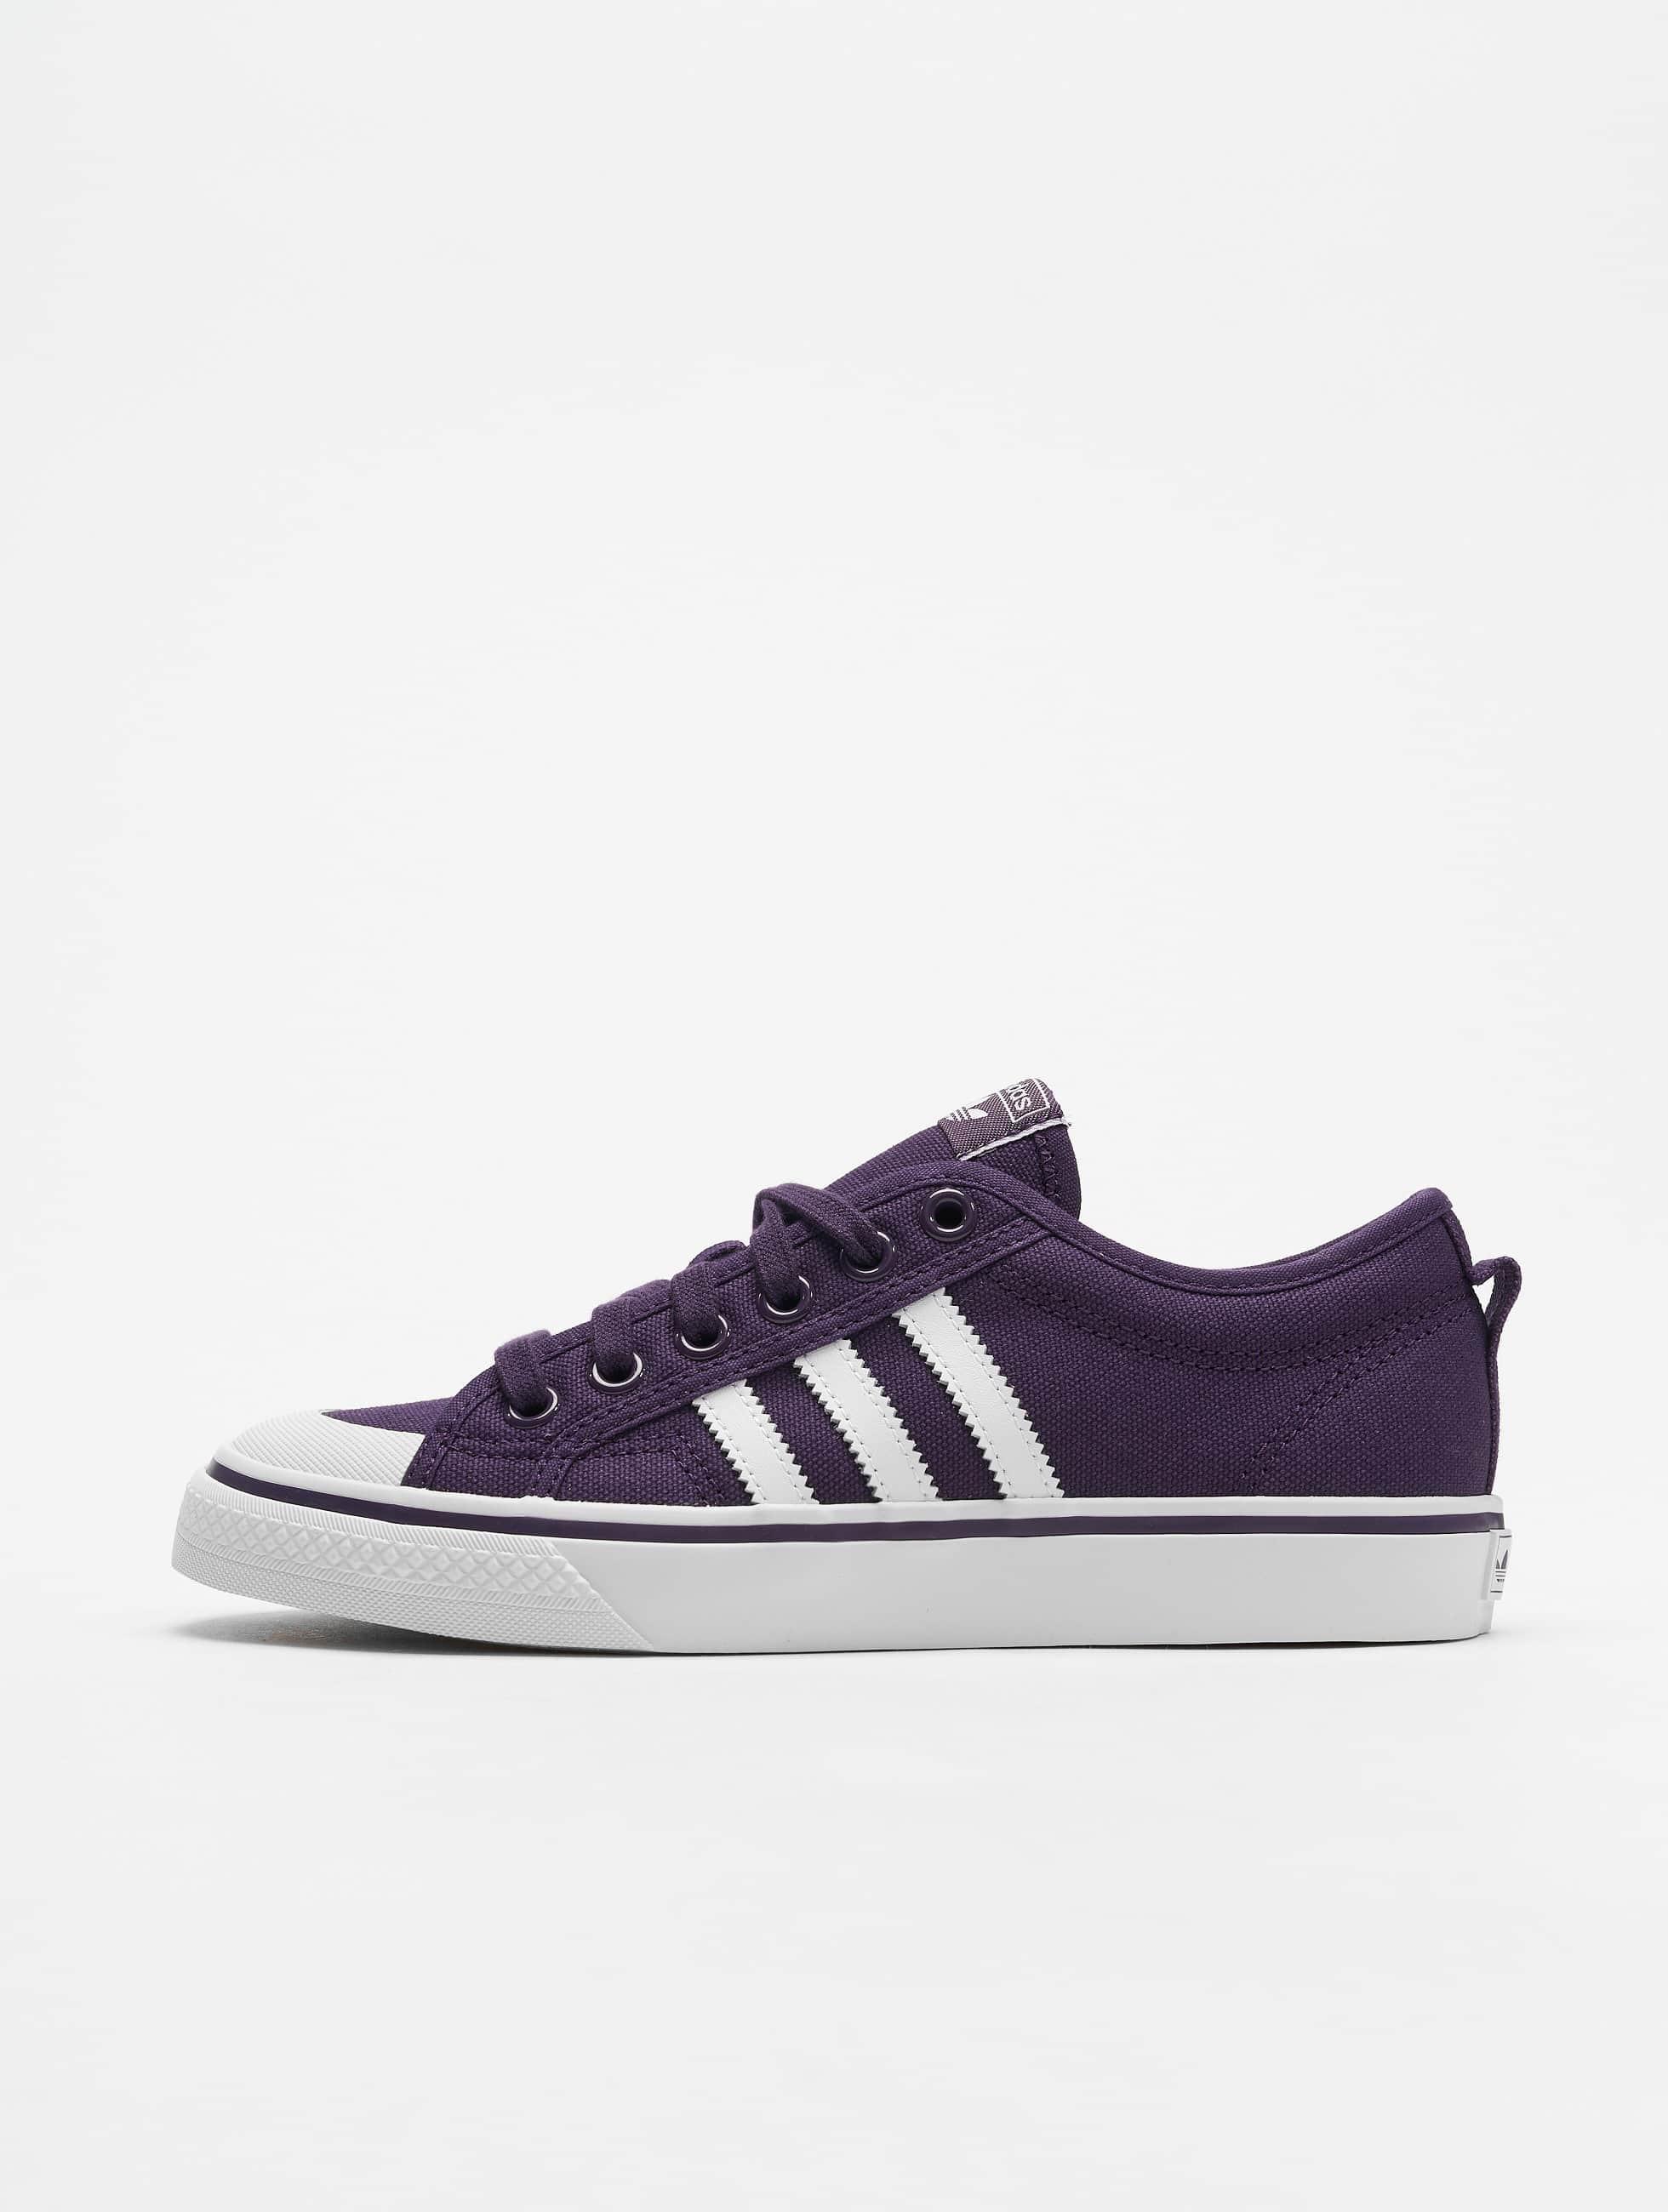 adidas Originals schoen sneaker Nizza W in paars 543064